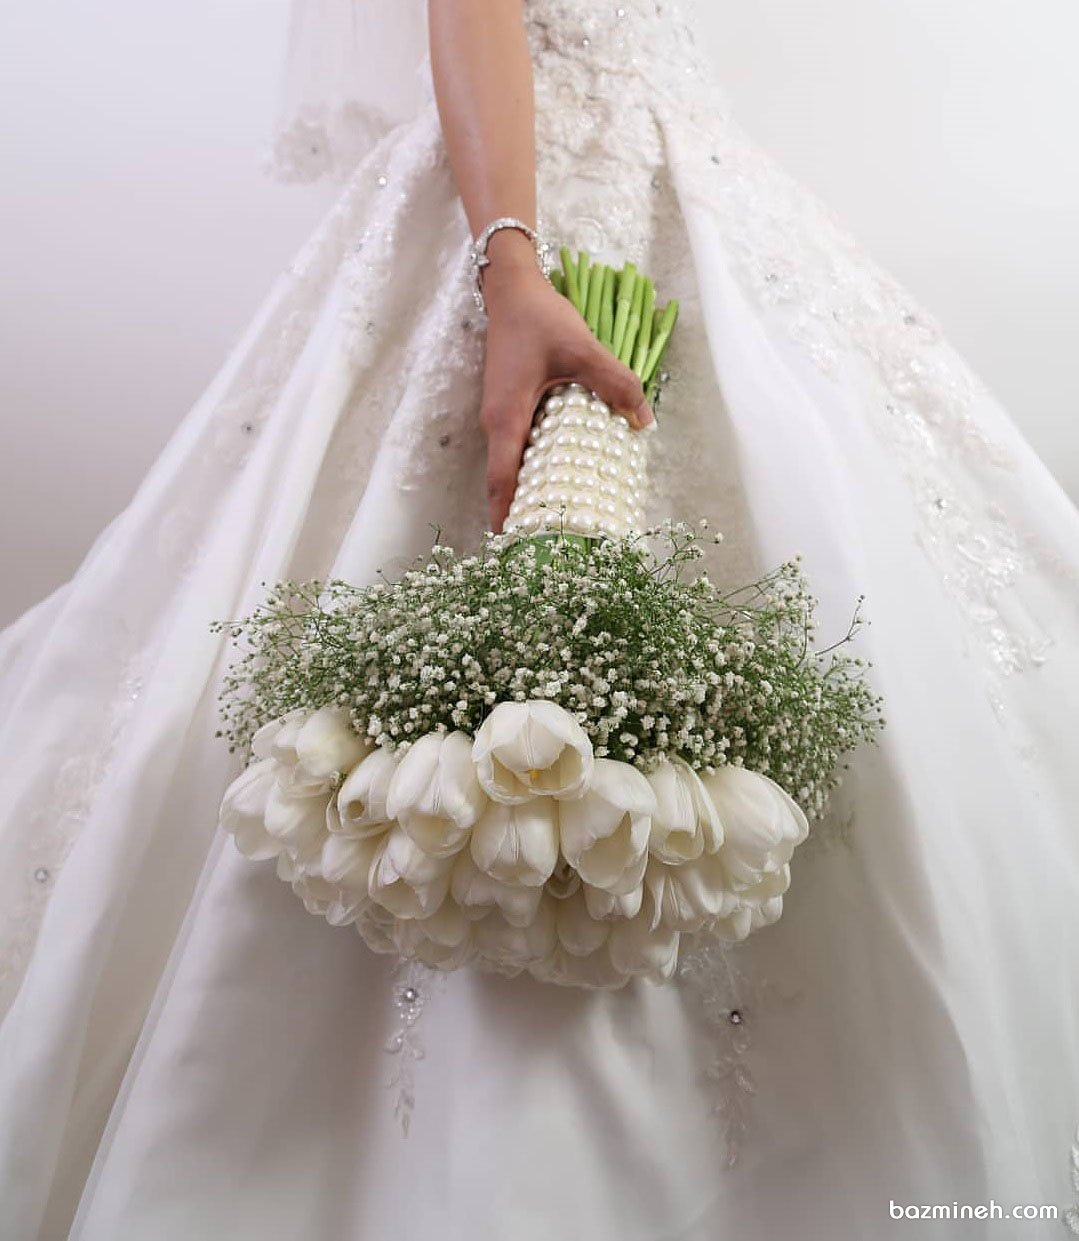 دسته گل زیبای عروس با گل های صد تومانی سفید رنگ بسته شده با تور مروارید دوزی شده